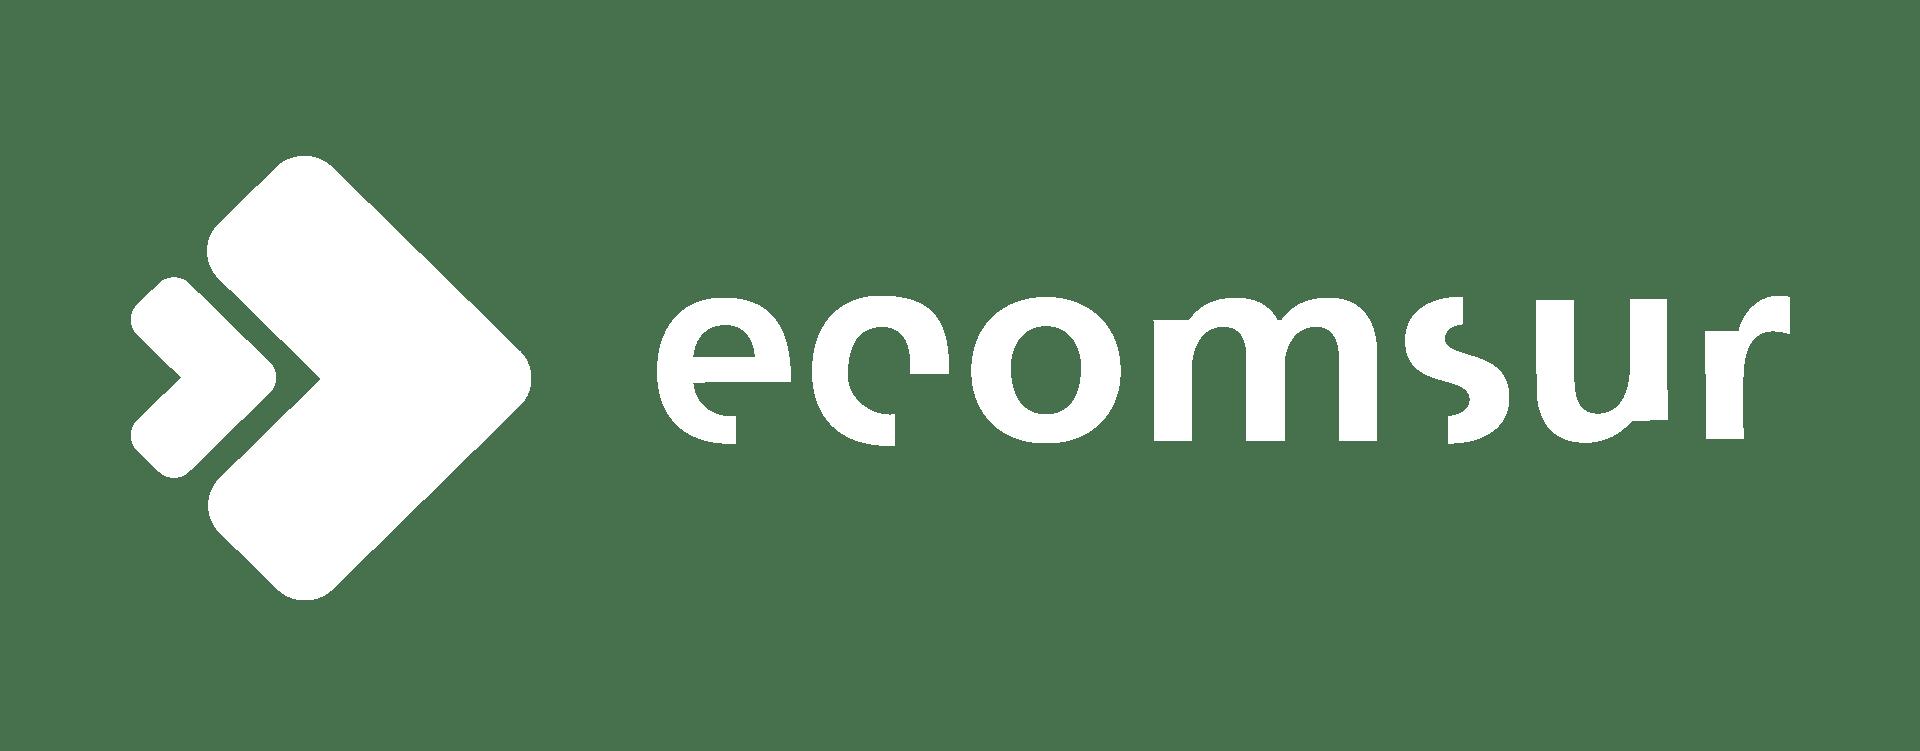 logos-transbank